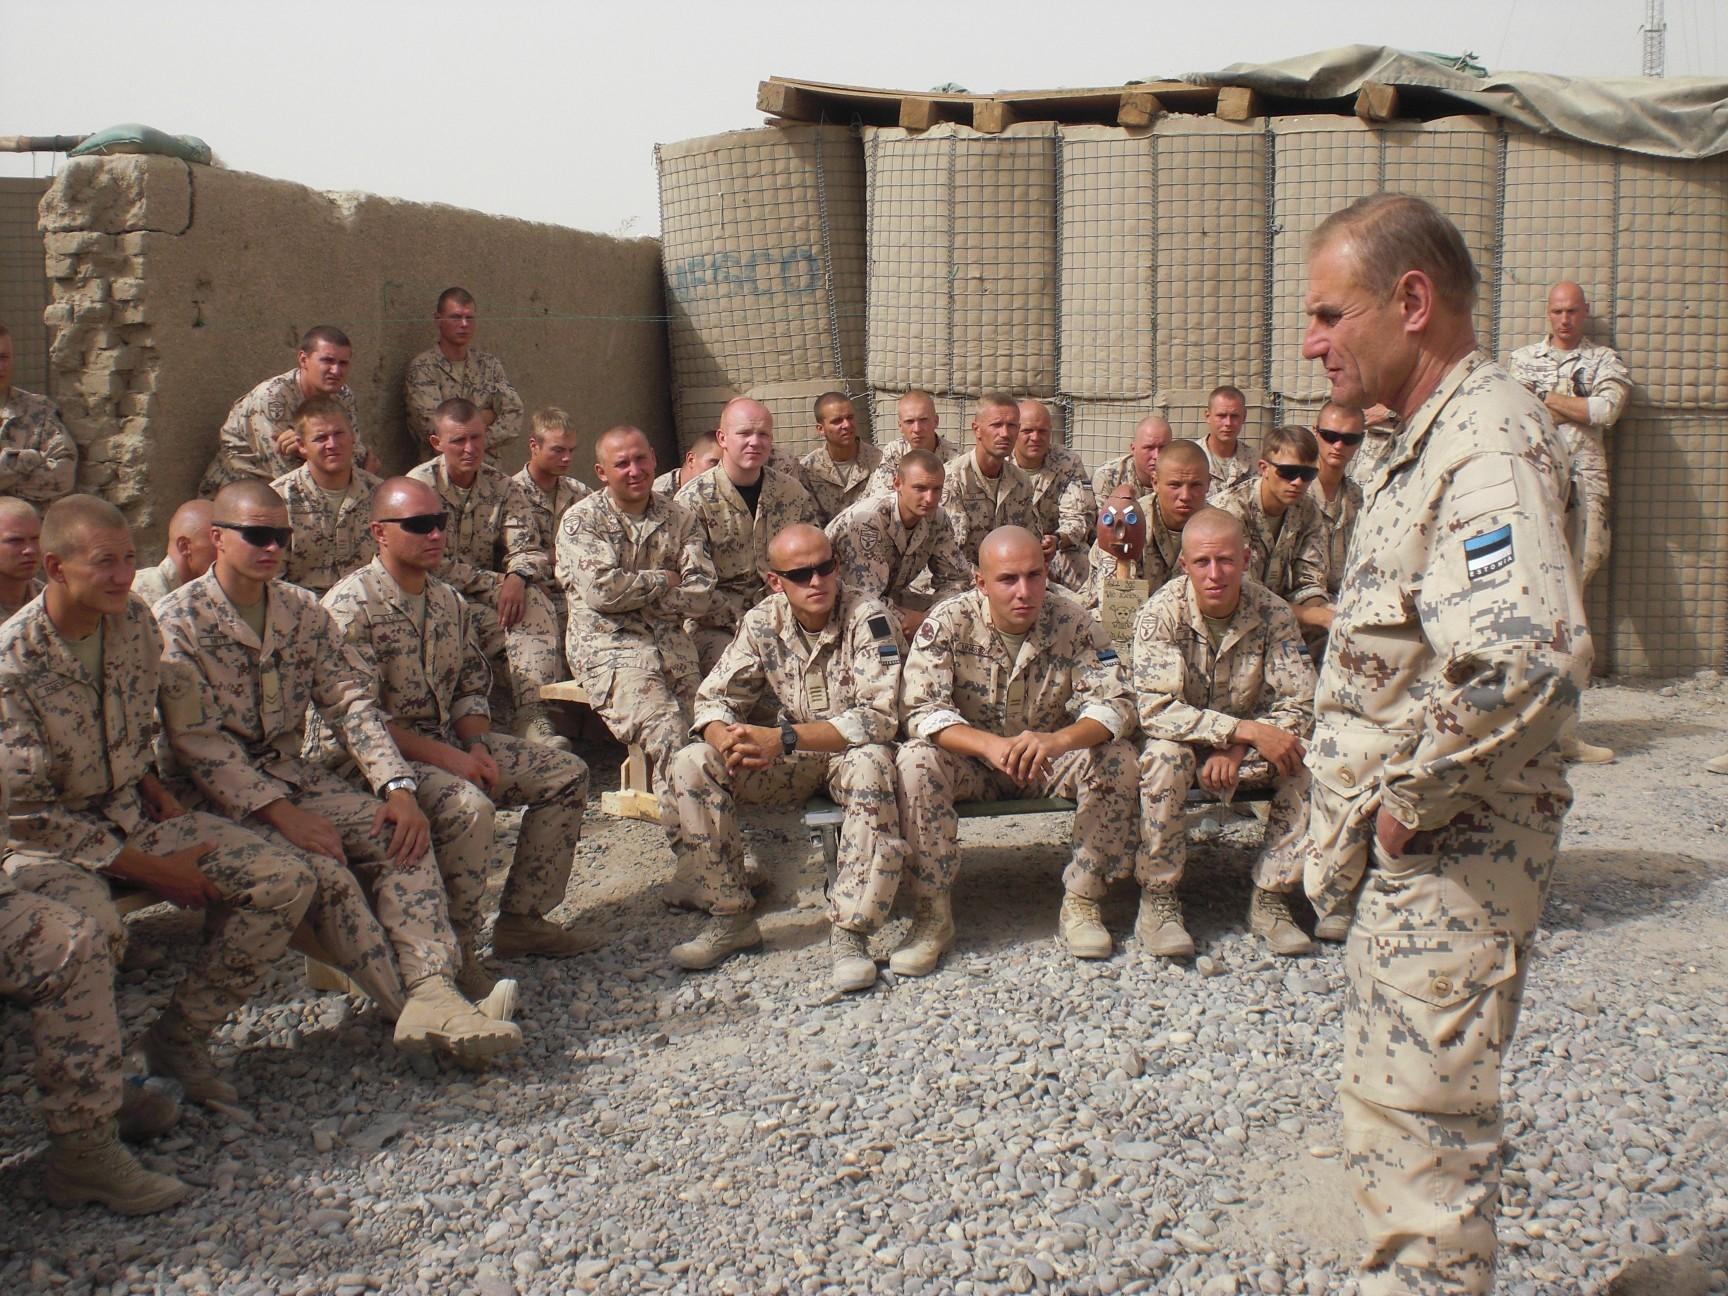 Kohtumine ESTCOY võitlejatega – Helmand 2009. aastal. Foto: Ants Laaneotsa erakogu